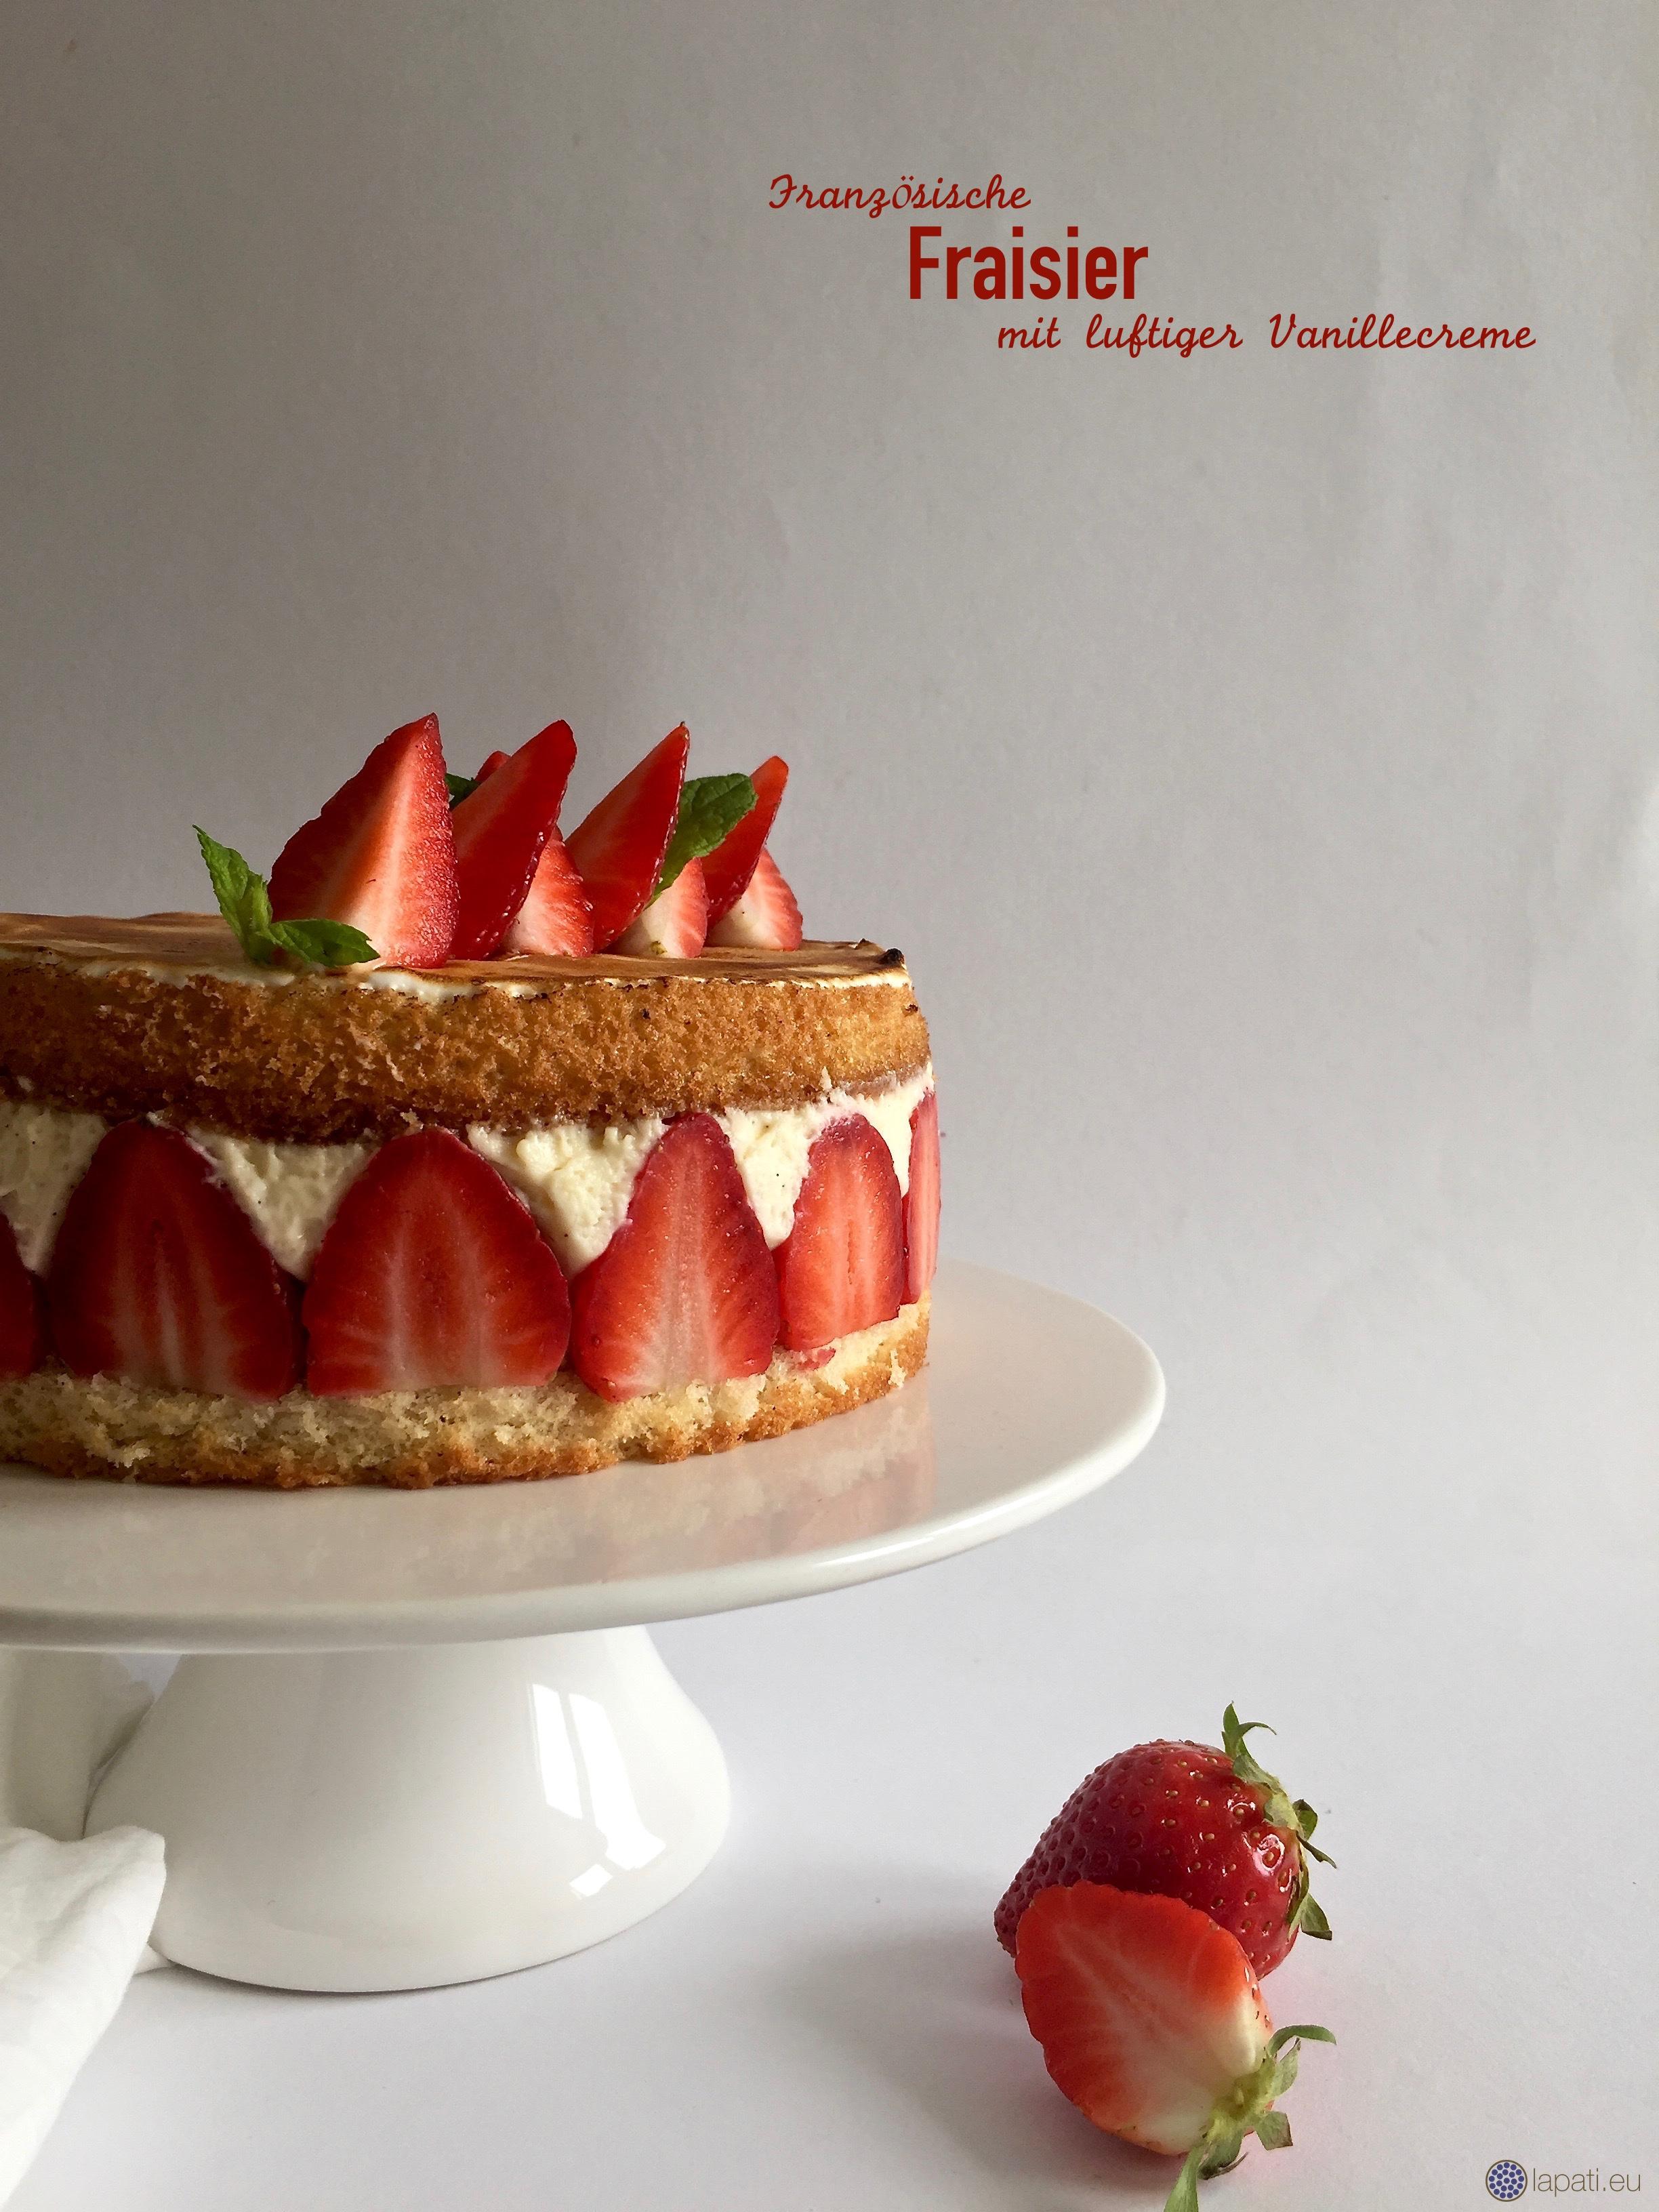 Die Kombination von Biskuit, Vanille und Erdbeeren war immer schon lecker. Und als Fraisier sieht die noch besser aus.